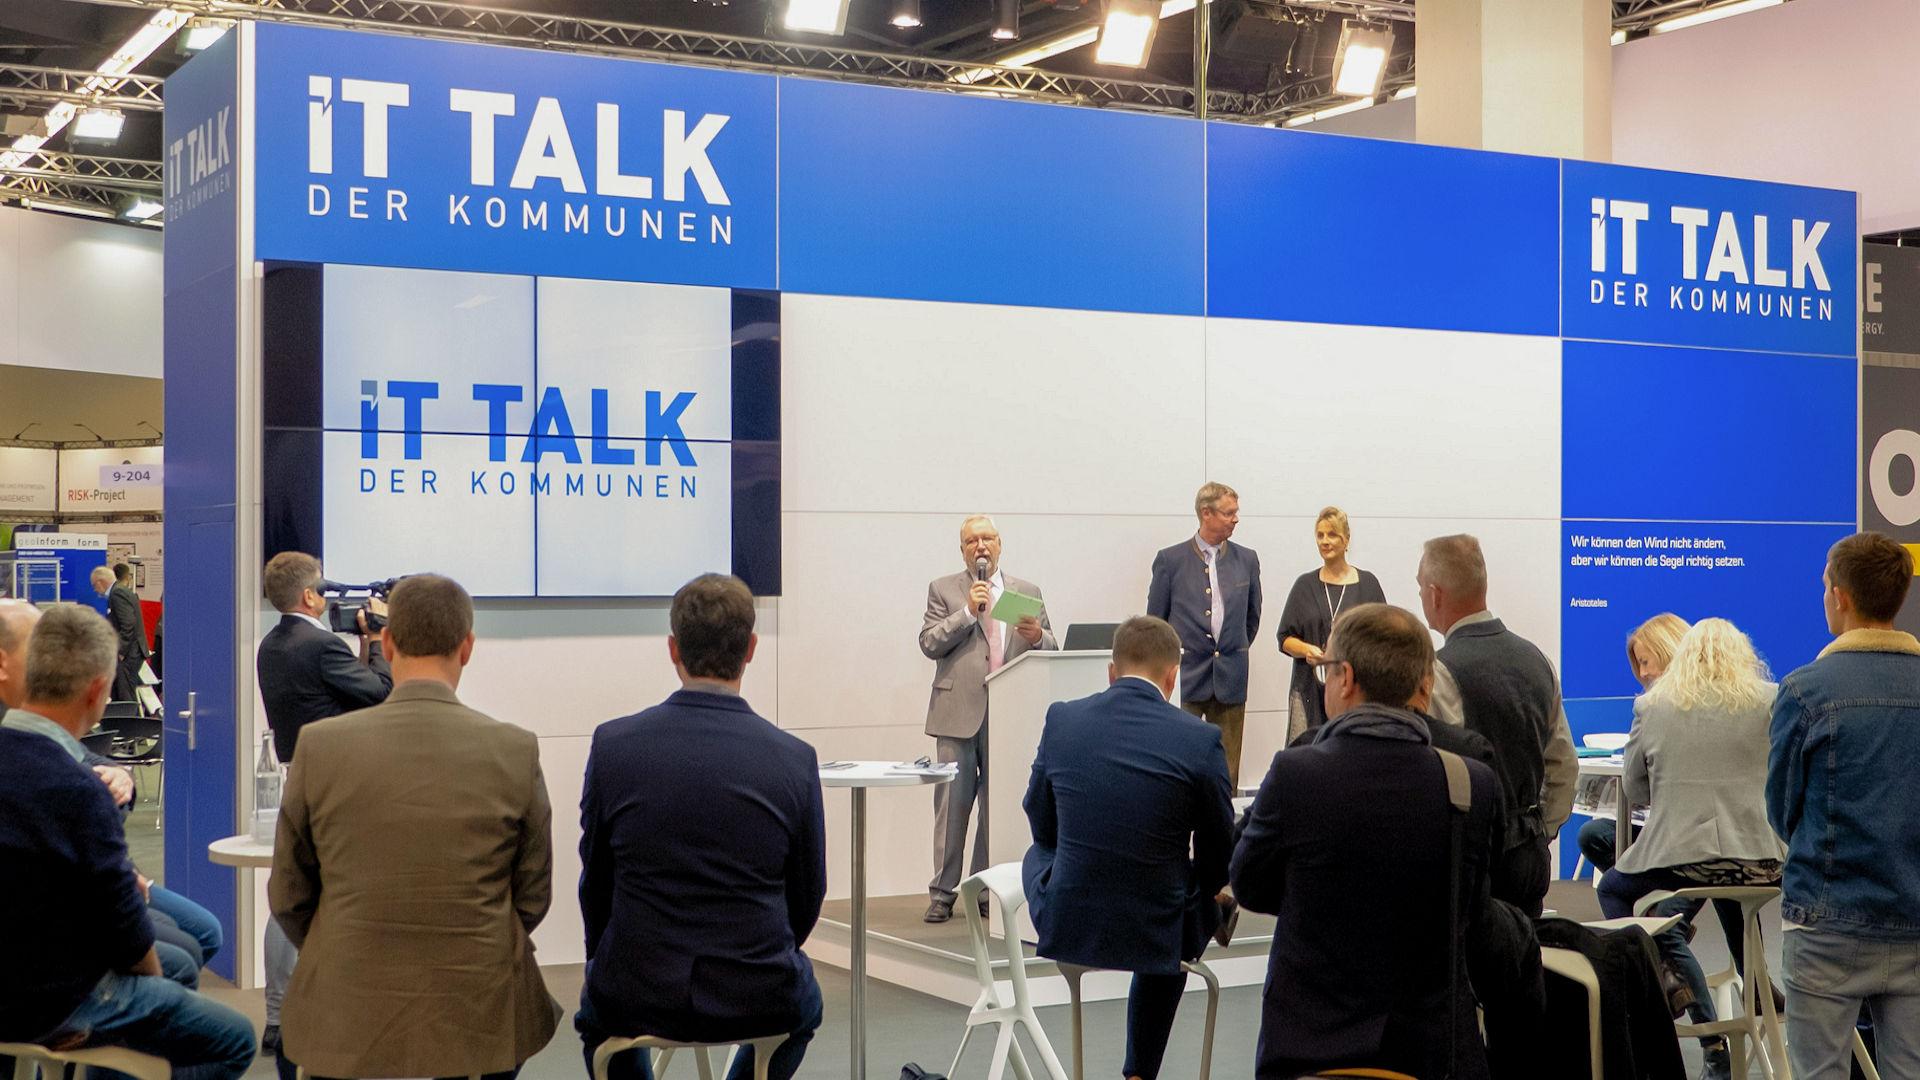 IT-Talk der Kommunen - Urheber: NuernbergMesse / Thomas Geiger